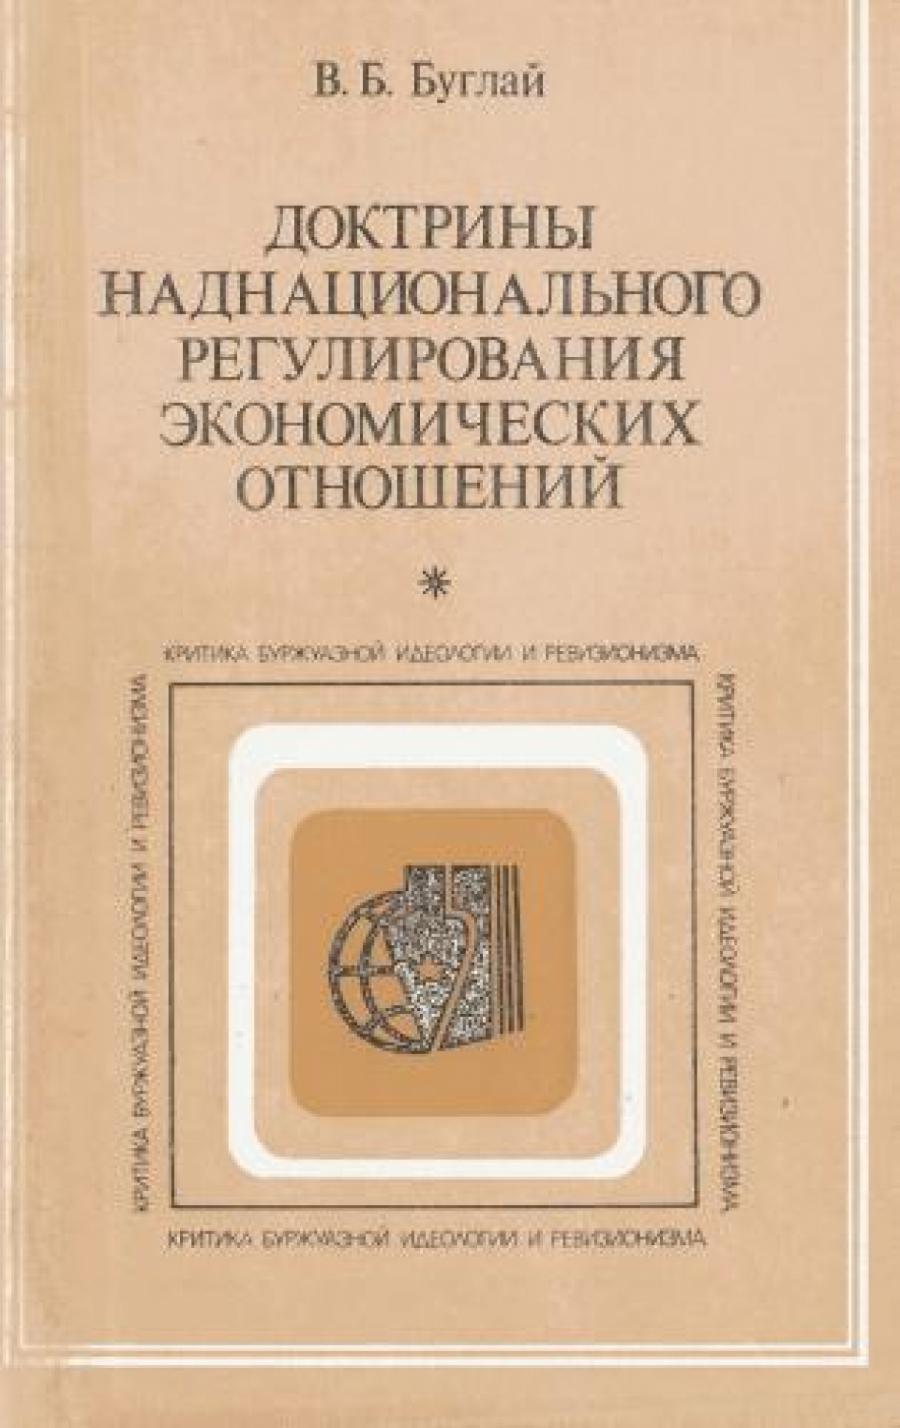 Обложка книги:  буглай в.б. - доктрины наднационального регулирования экономических отношений буржуазная теория и практика